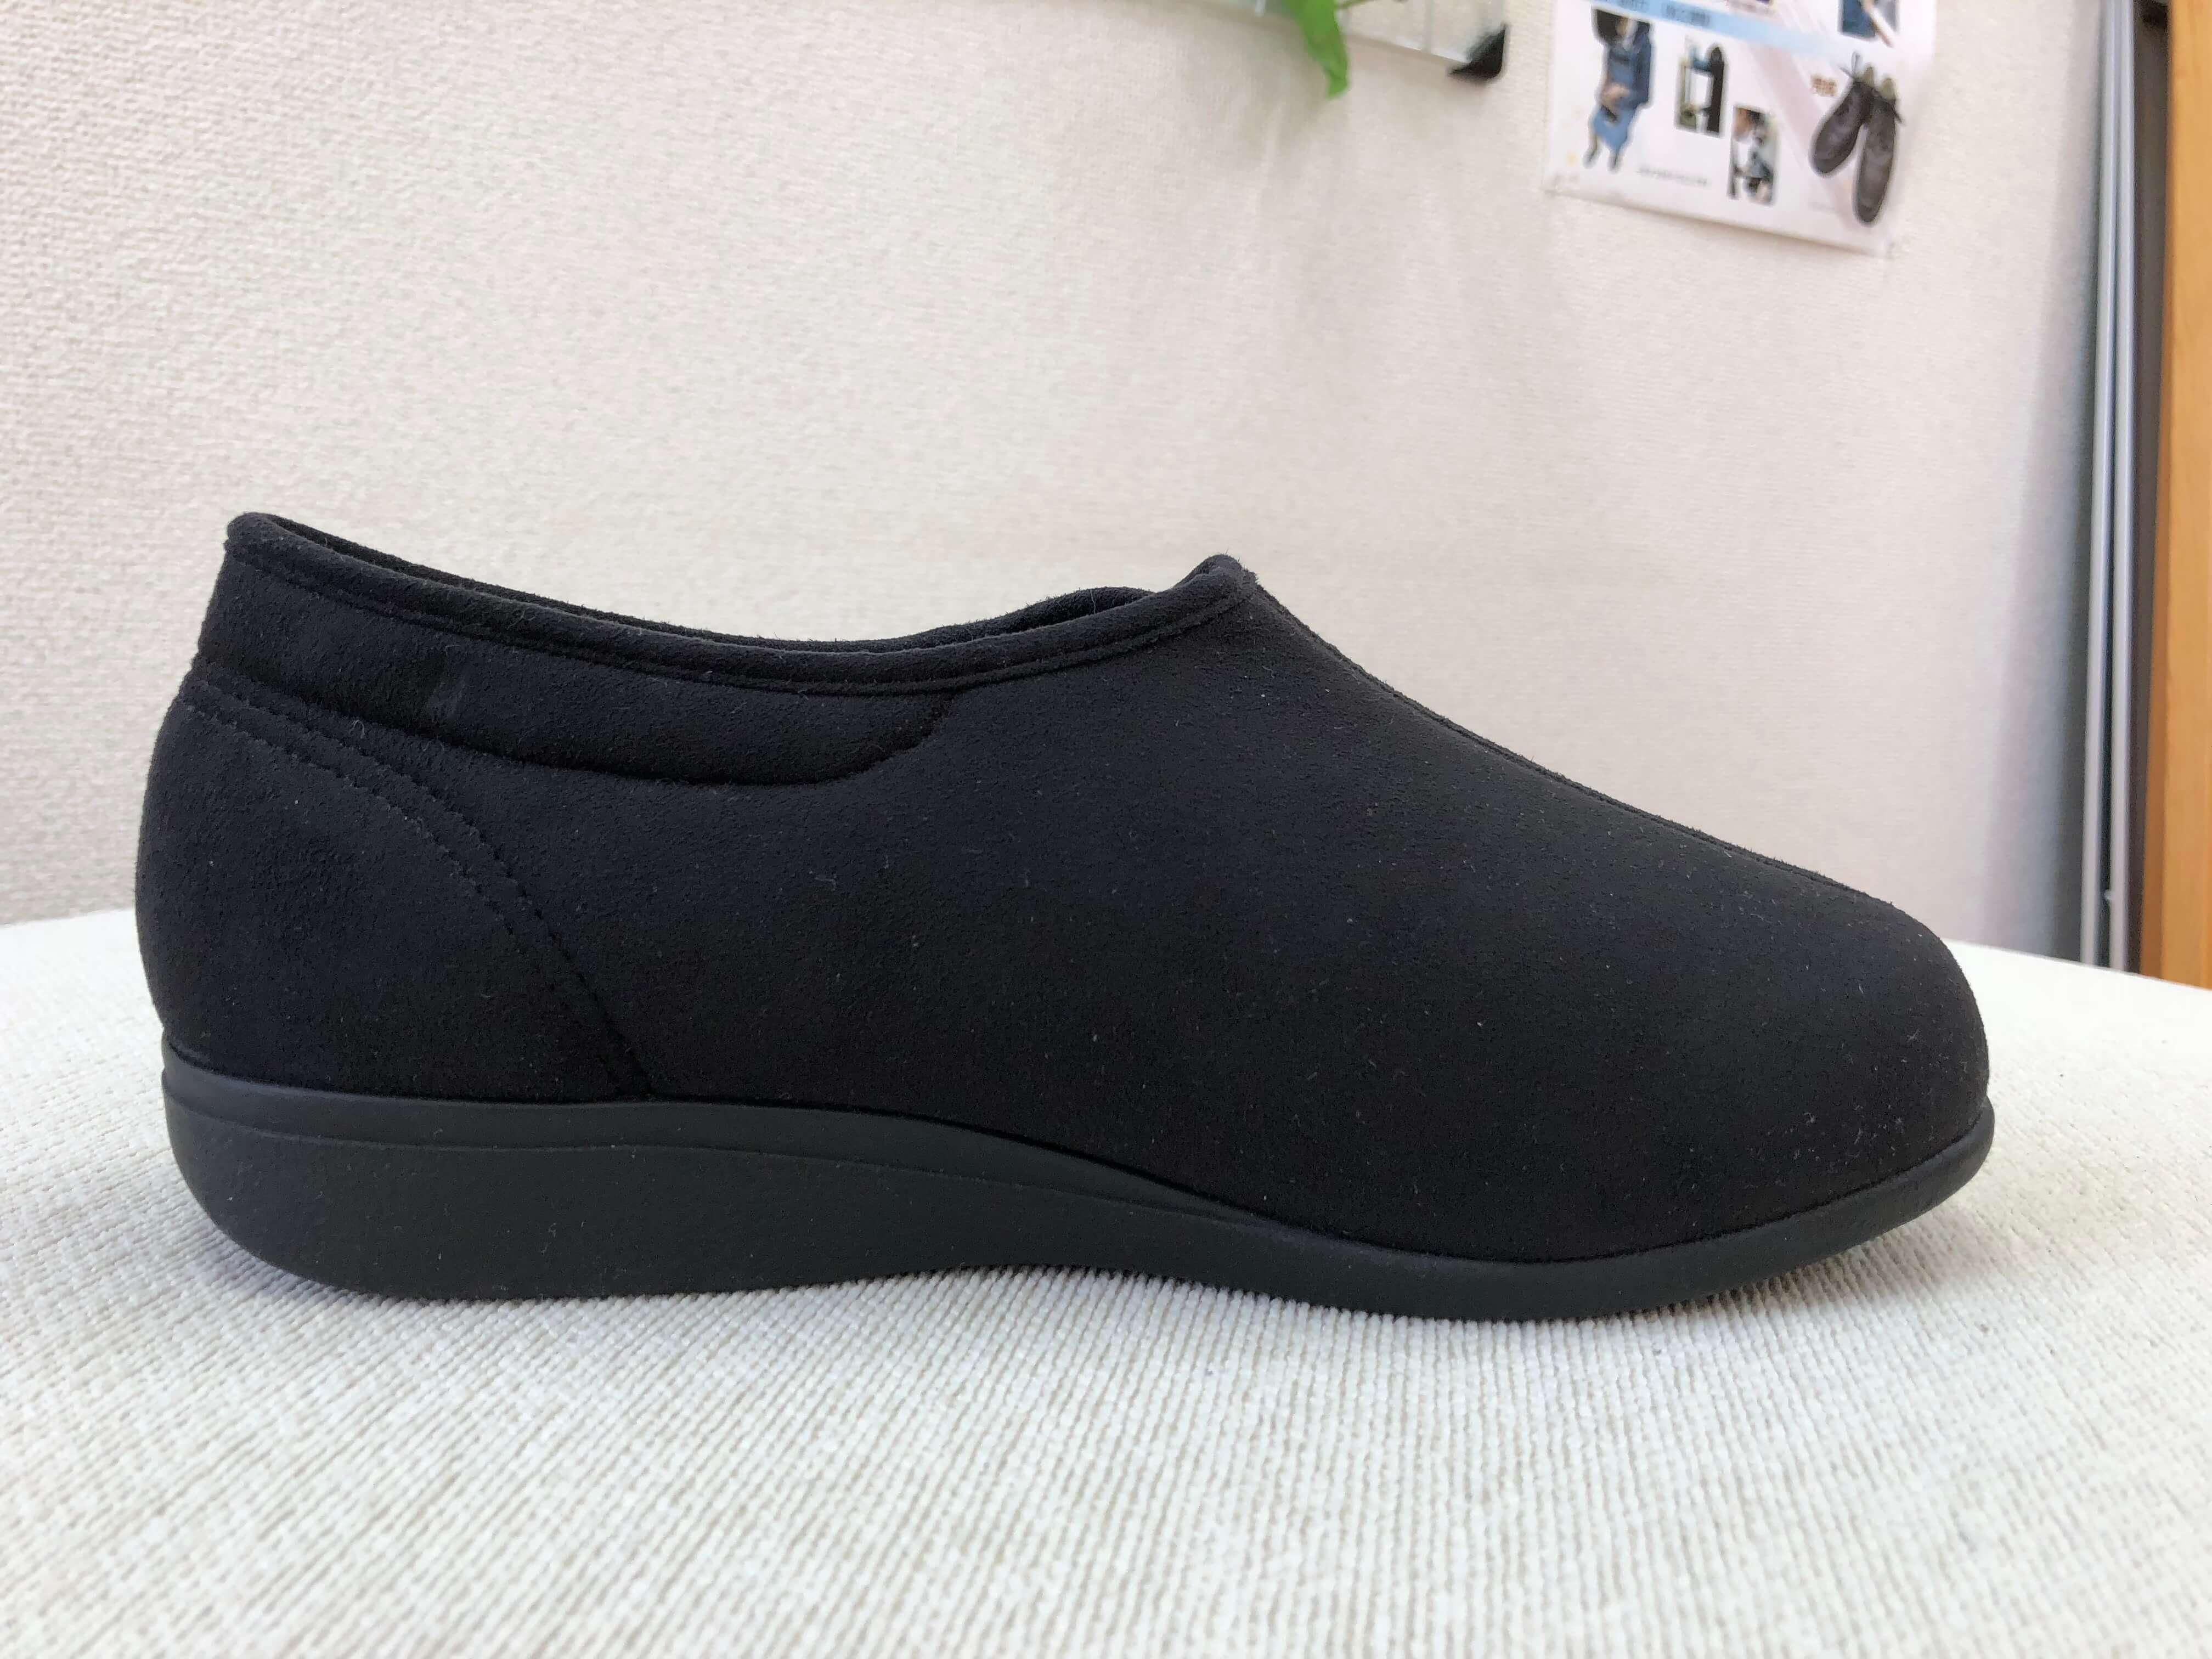 福本義肢製作所 靴底の高さ補正